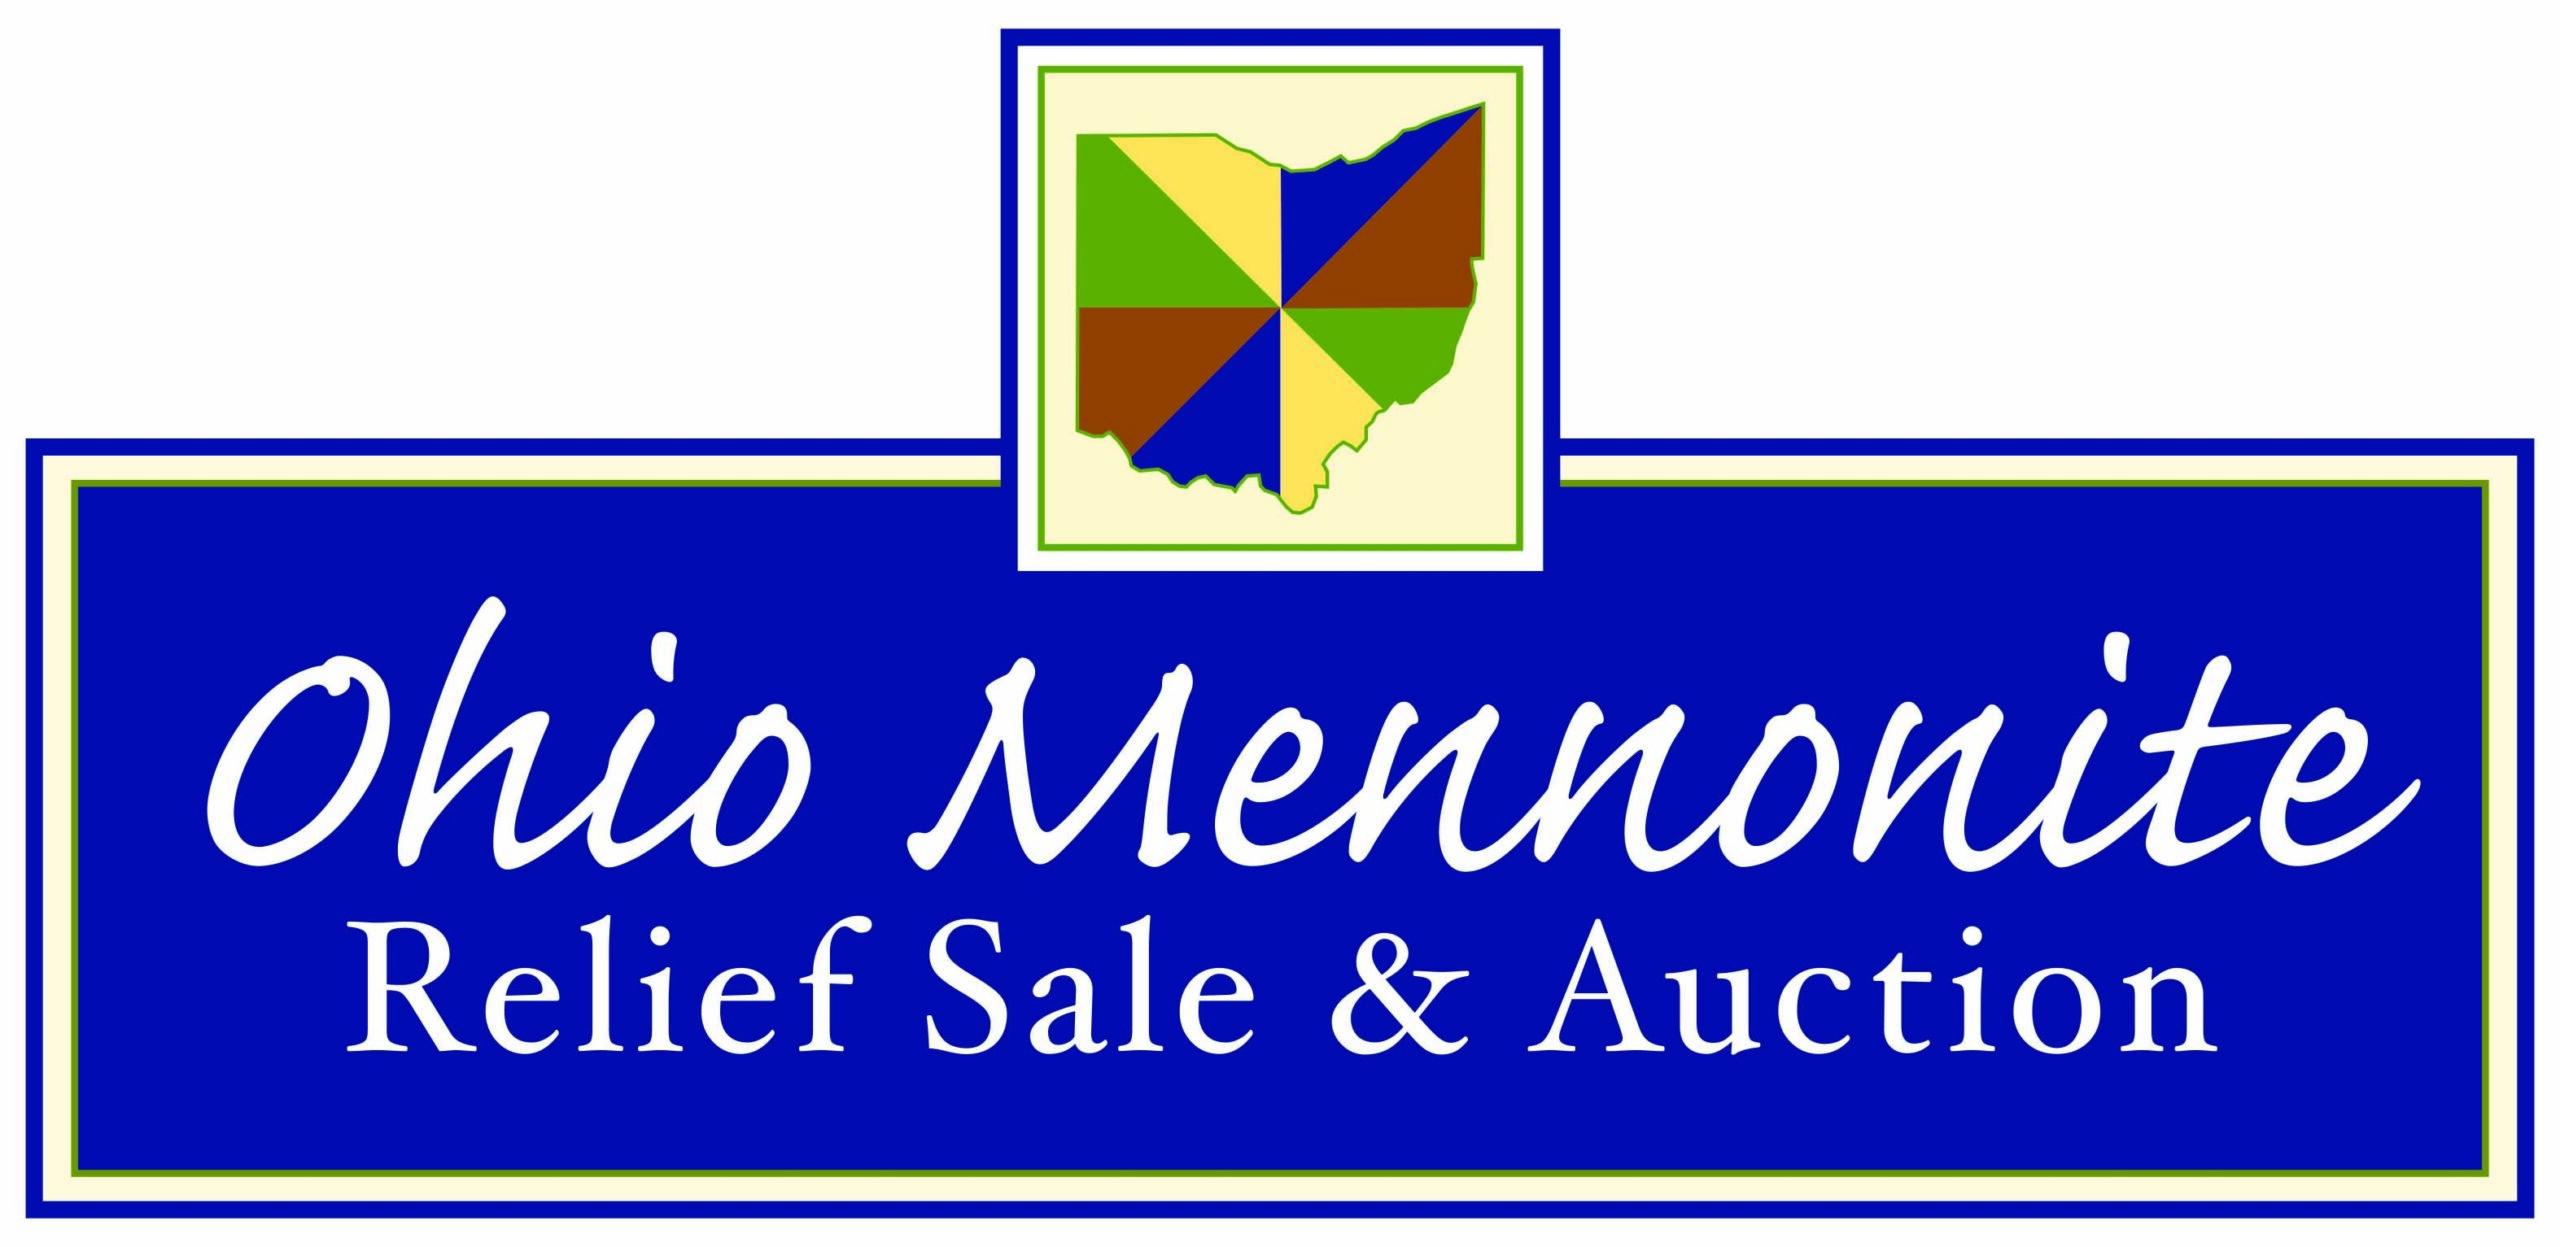 Ohio Mennonite Relief Sale Store